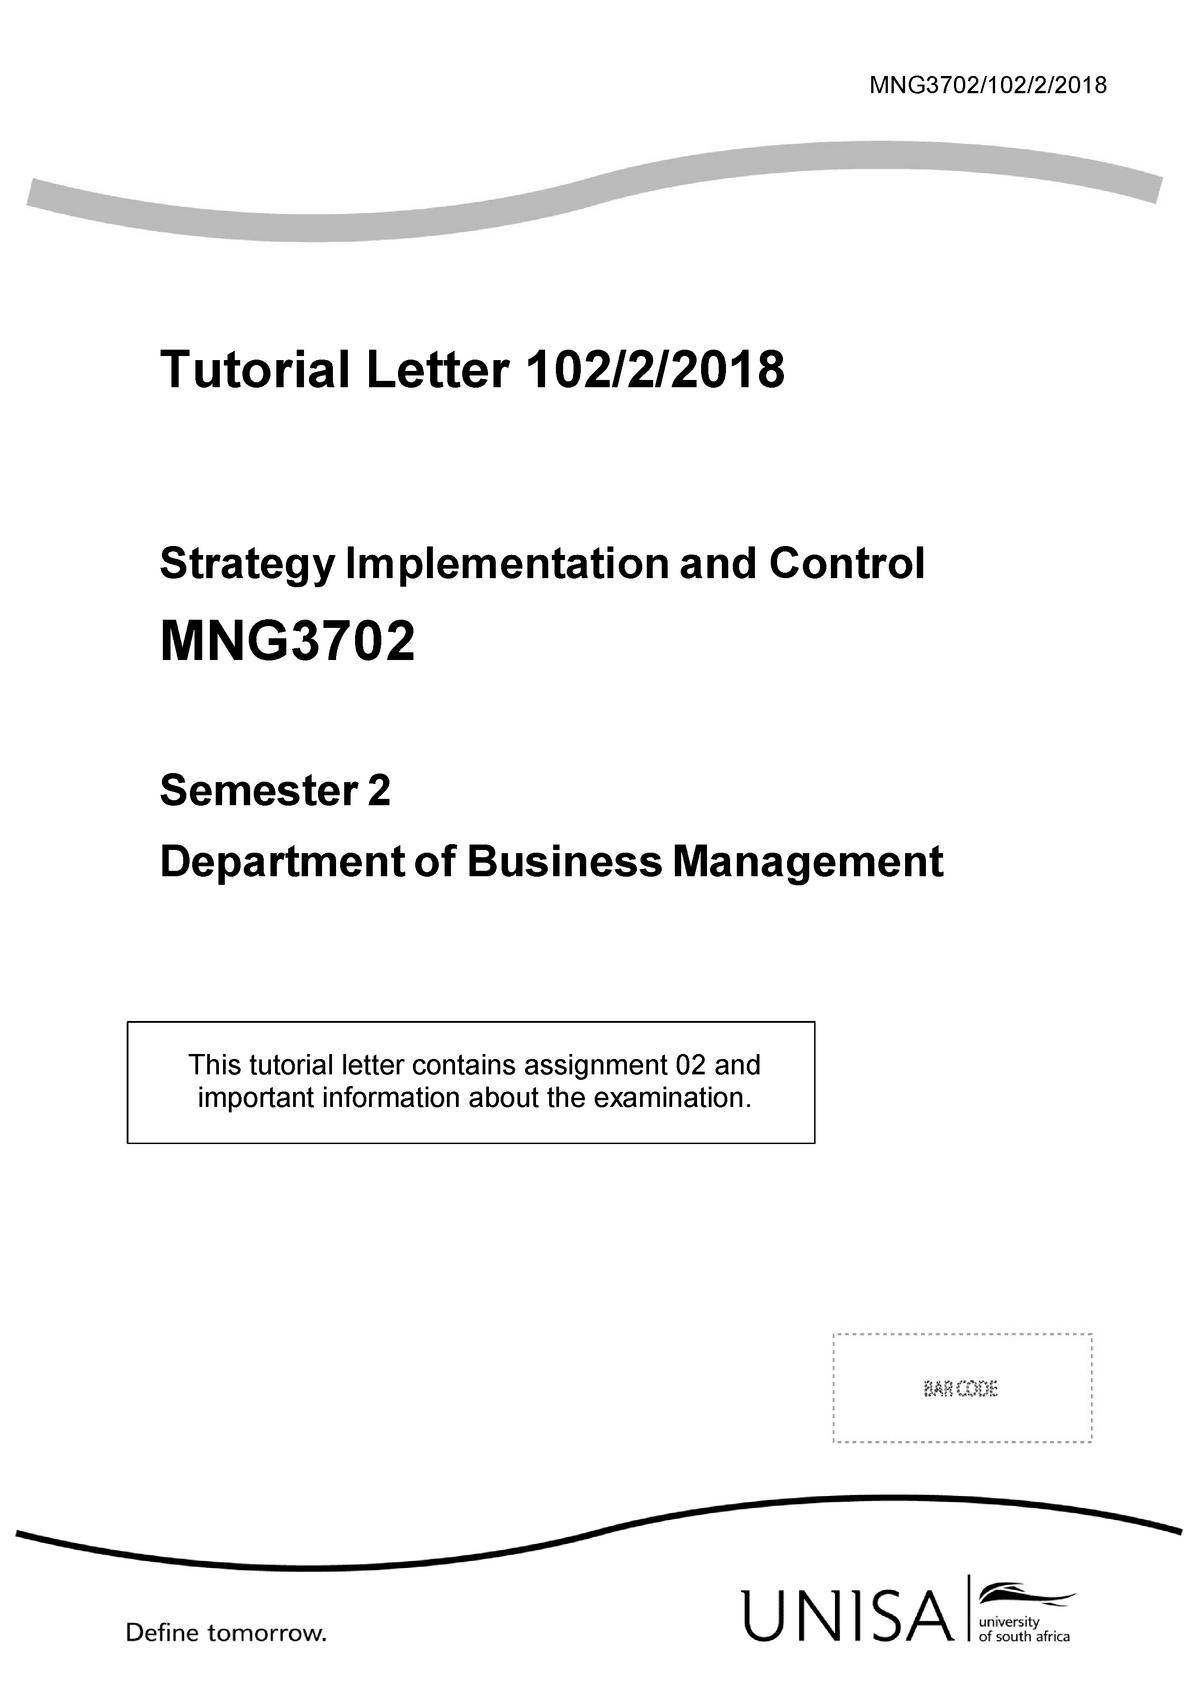 MNG3702 TL 102 2018 Sem+2 - UNISA - StuDocu